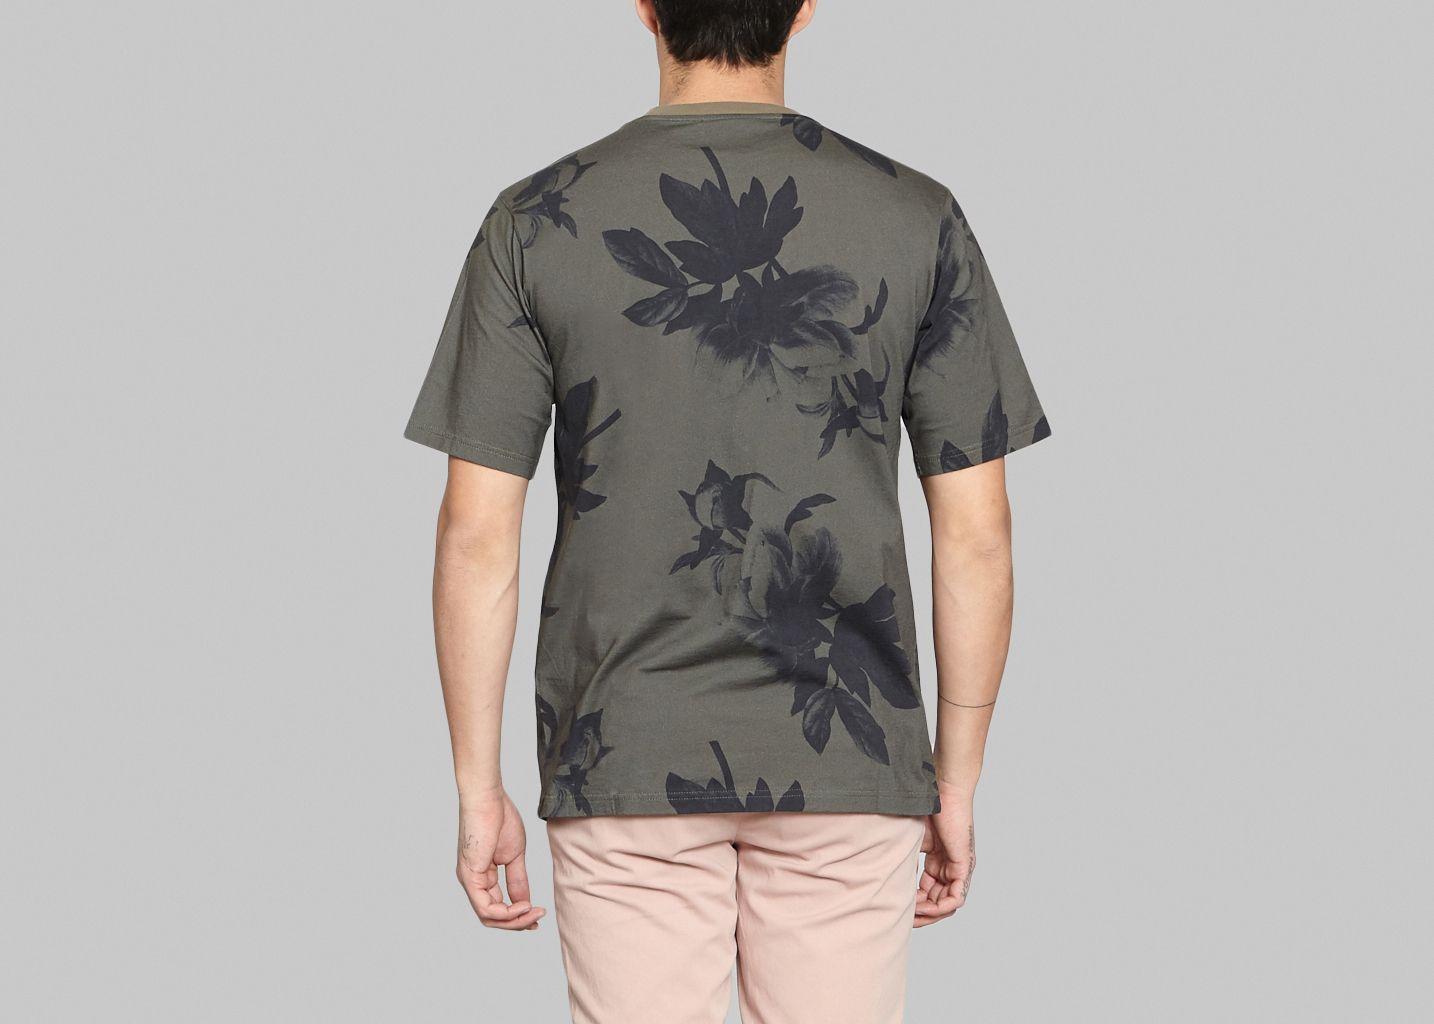 Jonhson T-shirt Khaki Paul   Joe   L Exception 705ddba05b1a